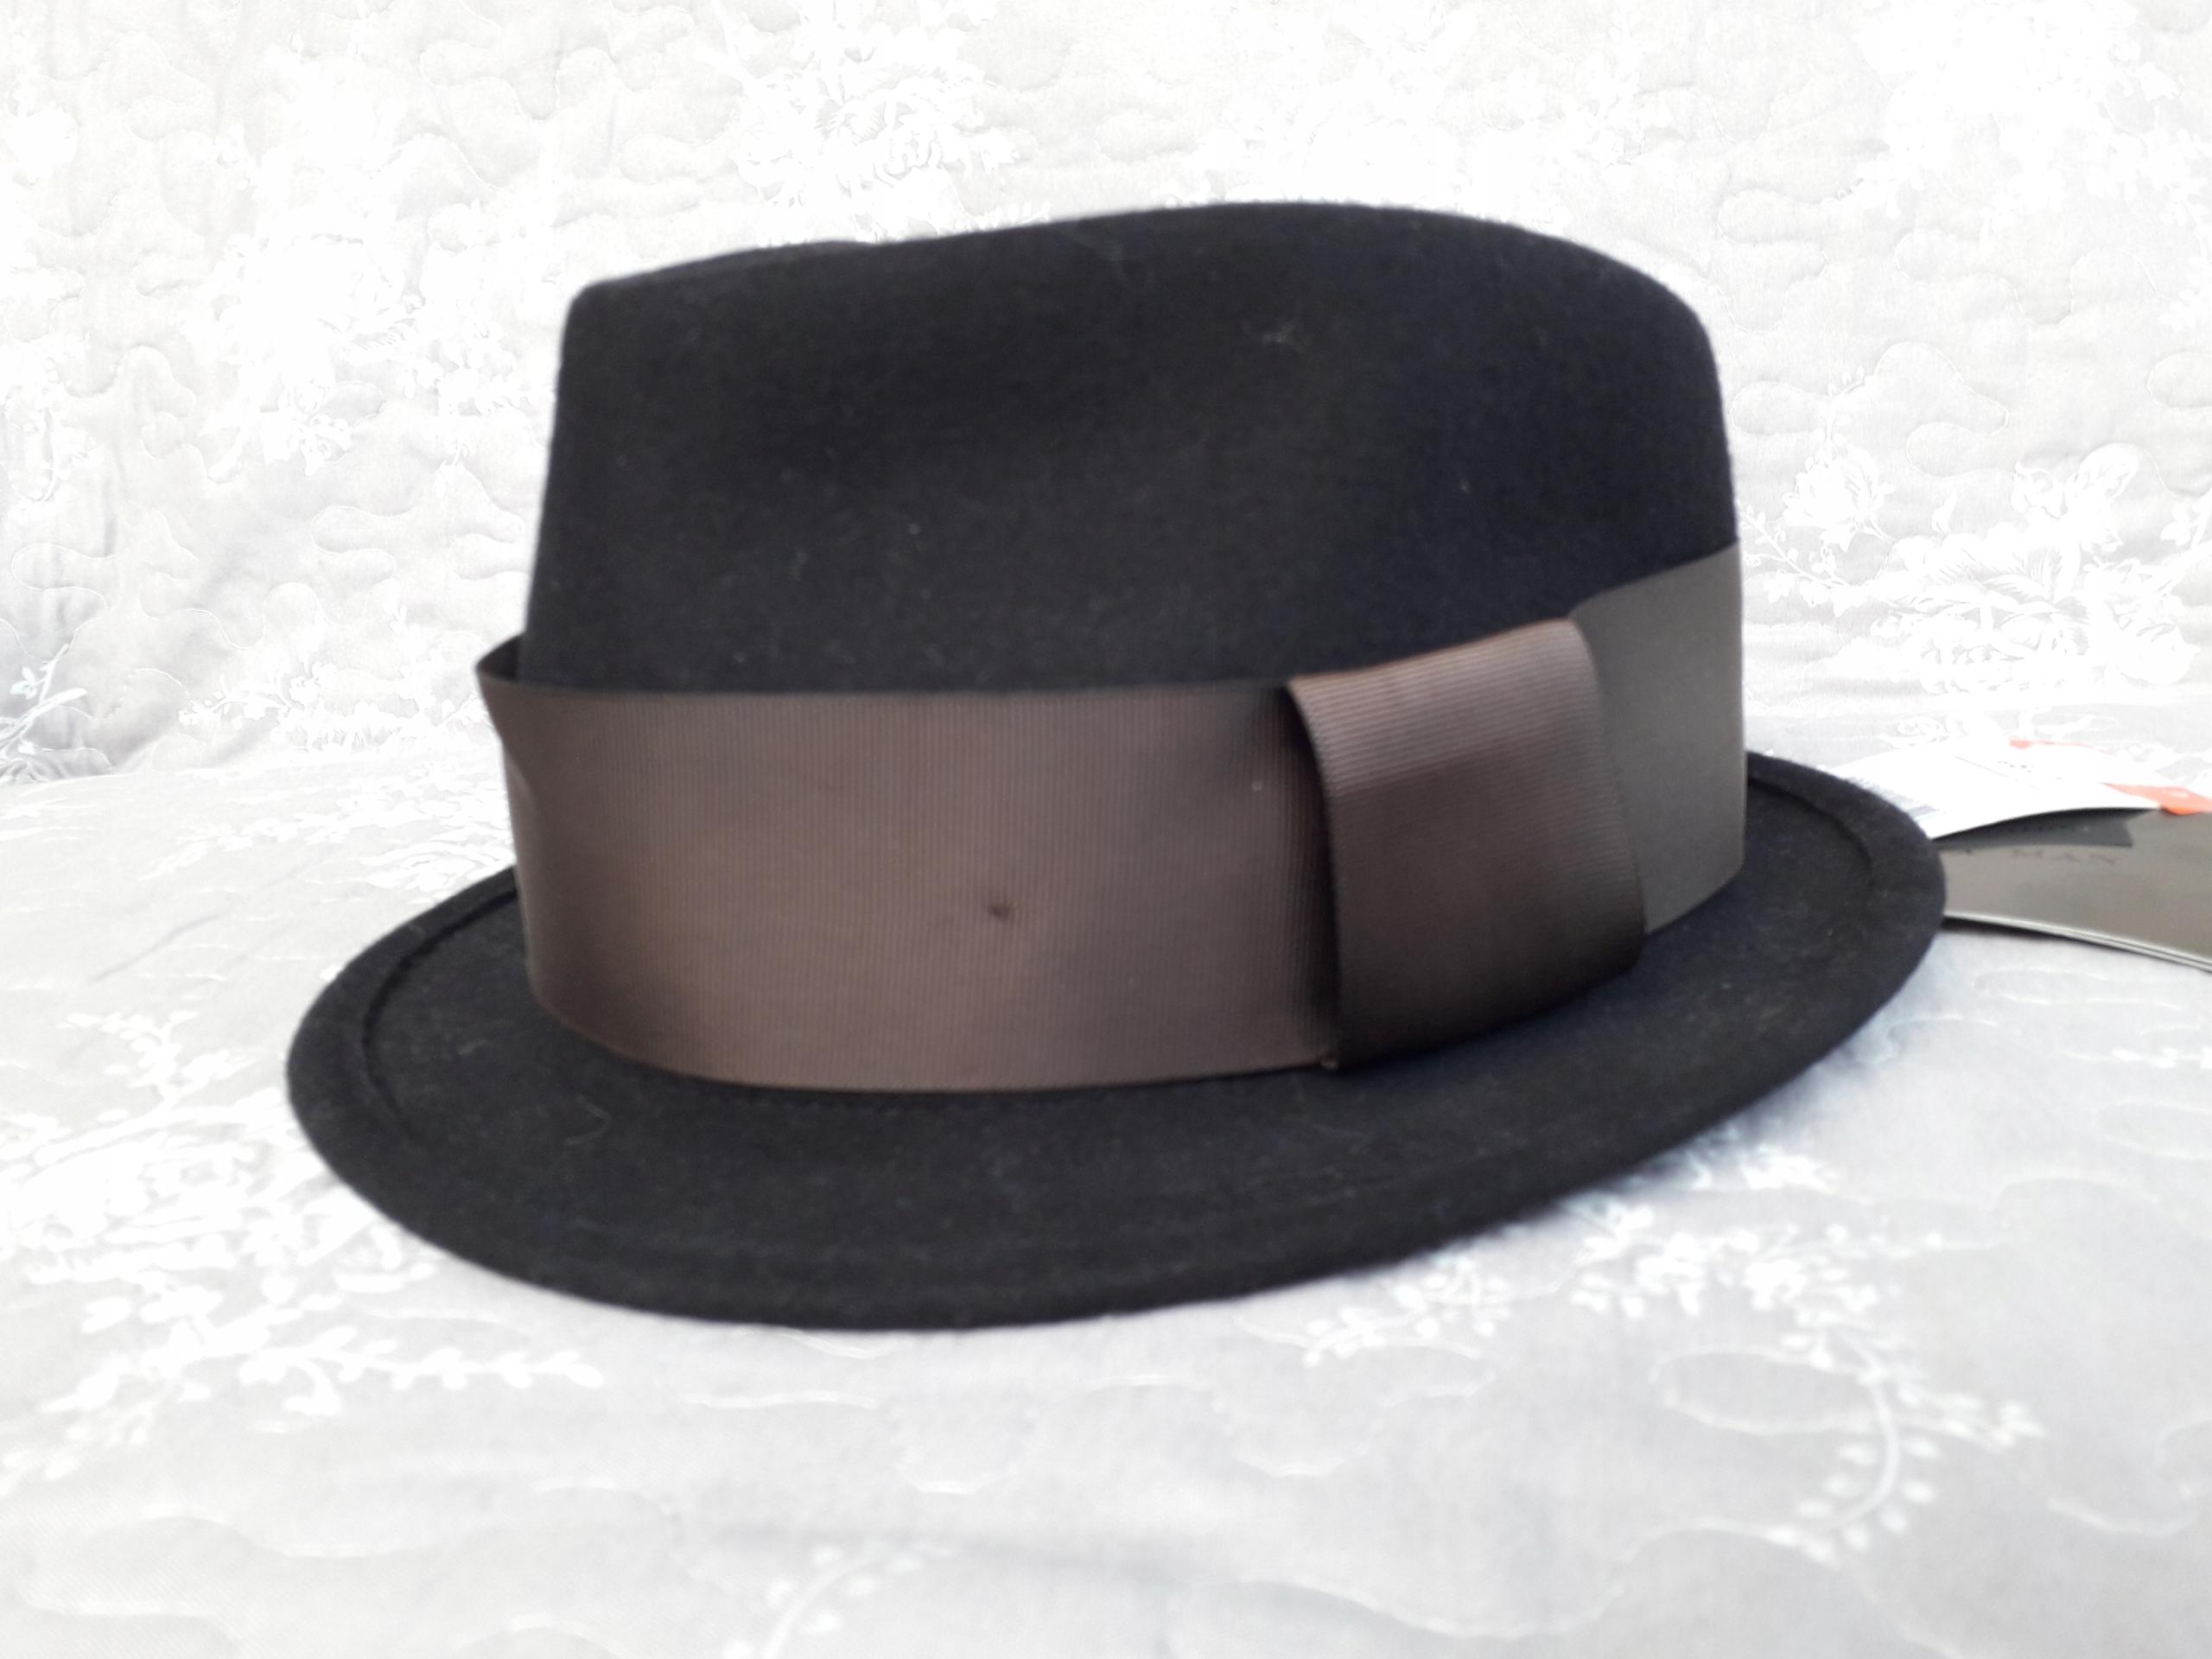 ZARA MAN kapelusz wełna czarny r. L, 59 cm